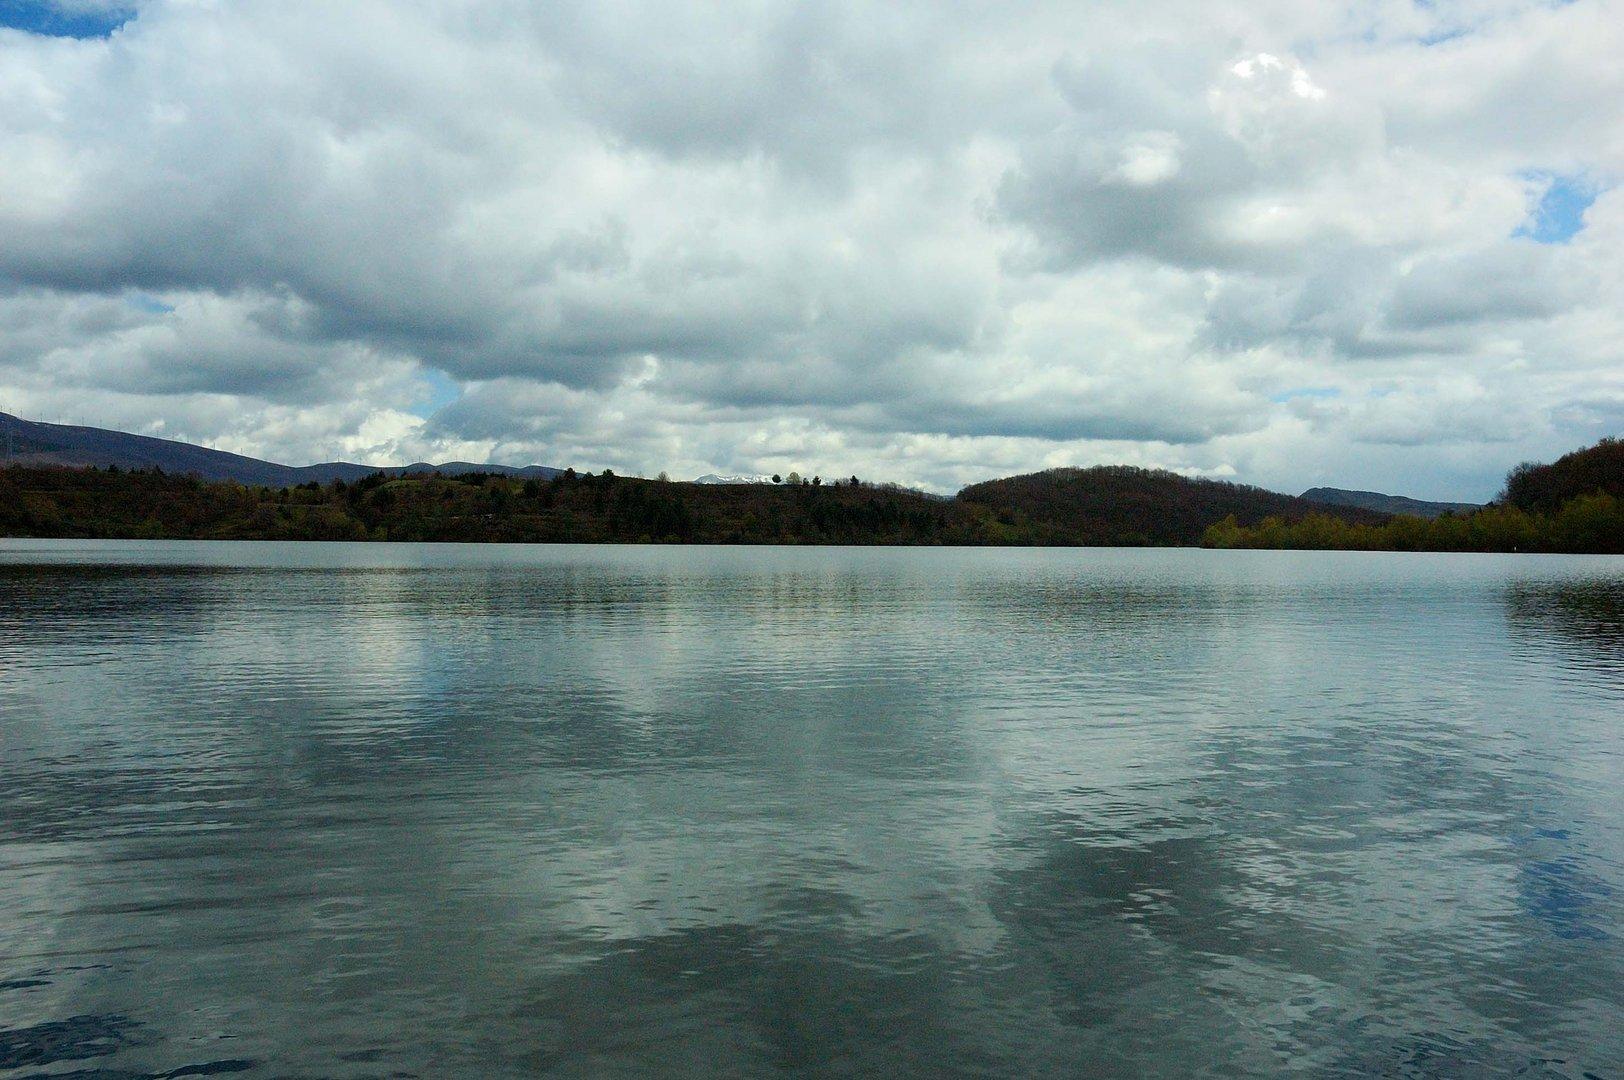 Agua, montañas y cielo